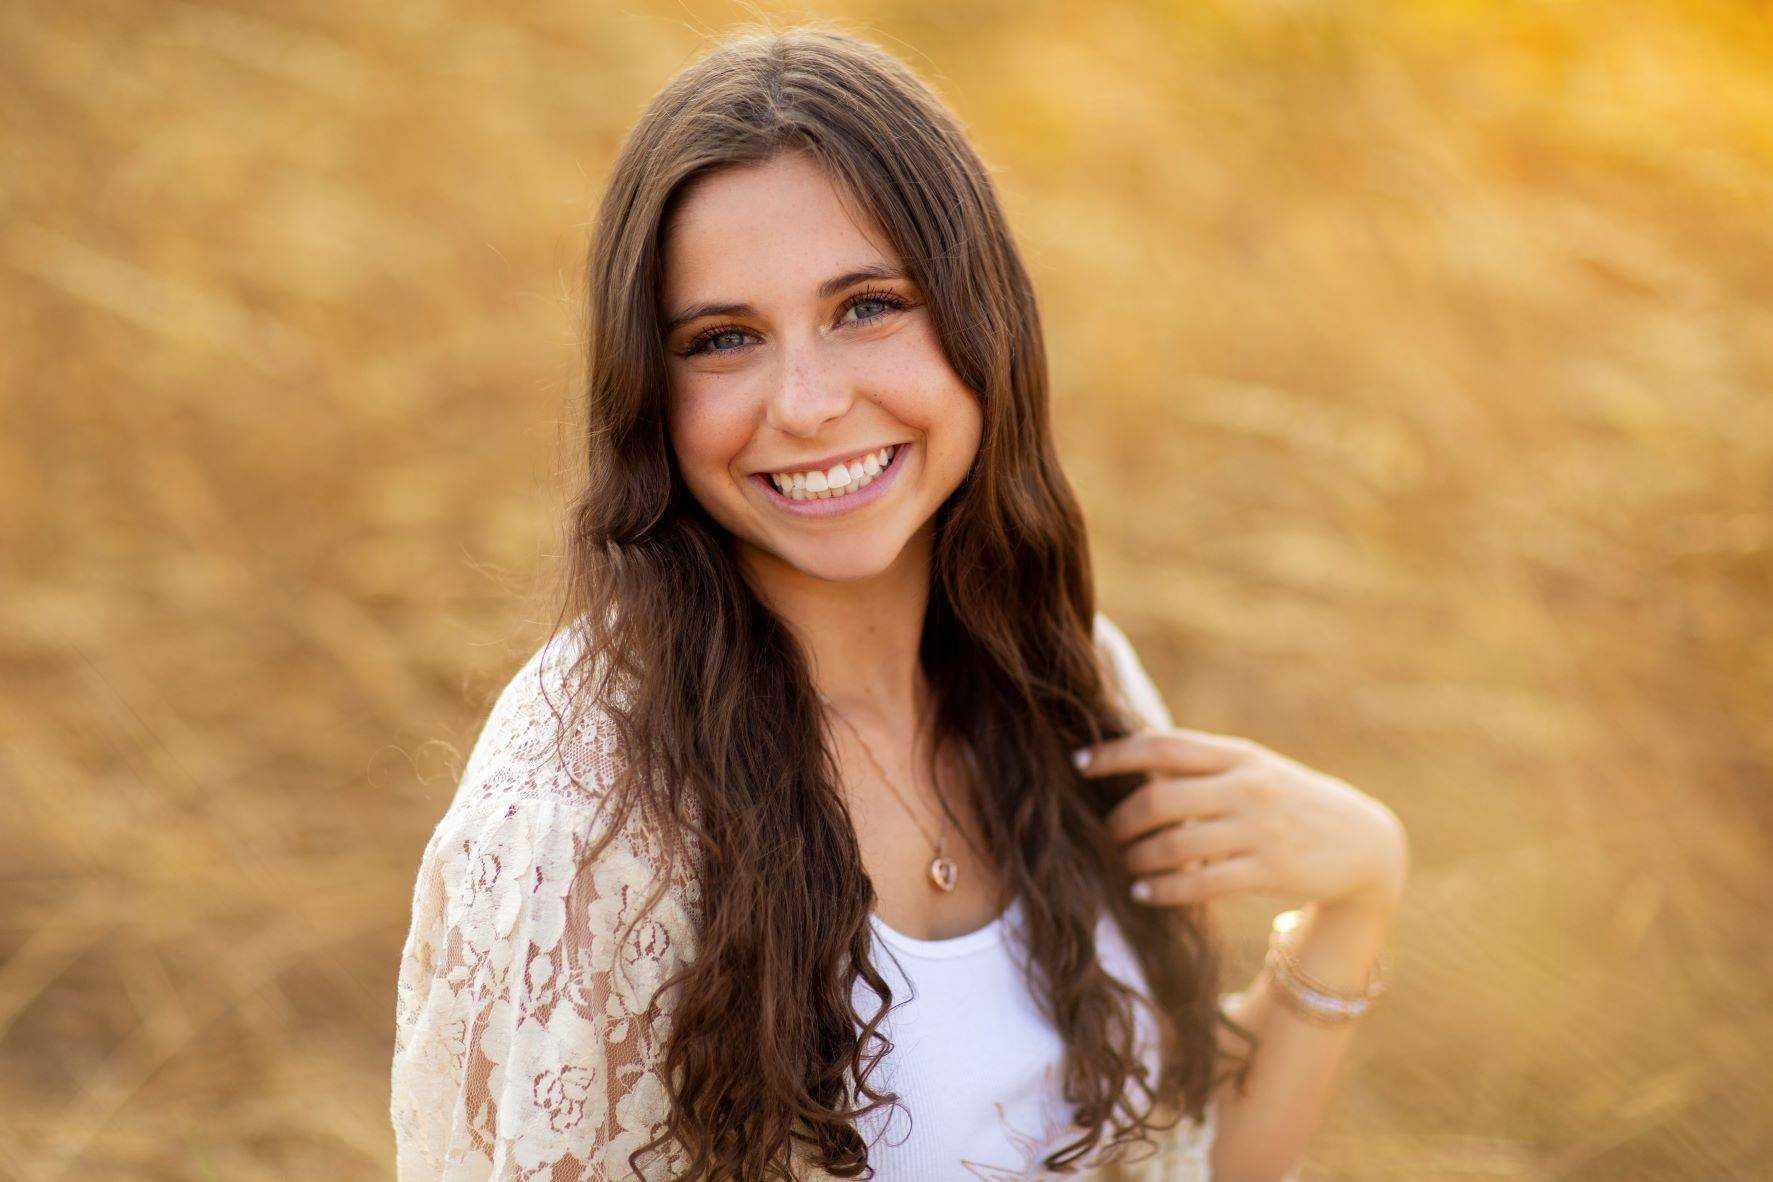 Amelia Edelberg is looking forward to her senior season as a Laker Dancer.